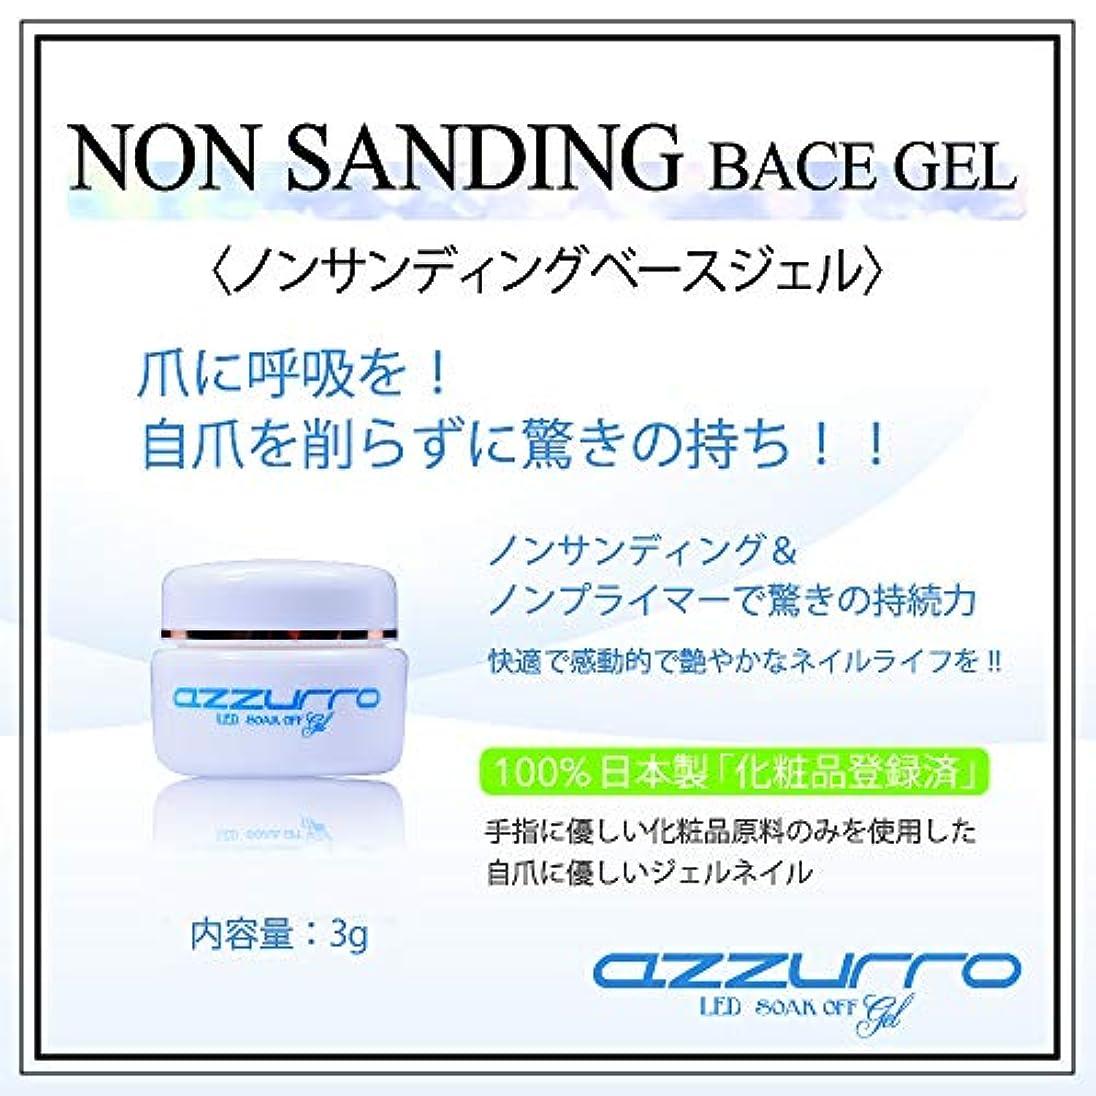 時折悪化させる飢えたazzurro gel アッズーロ ノンサンディング ベースジェル 削らないのに抜群の密着力 リムーバーでオフも簡単 3g